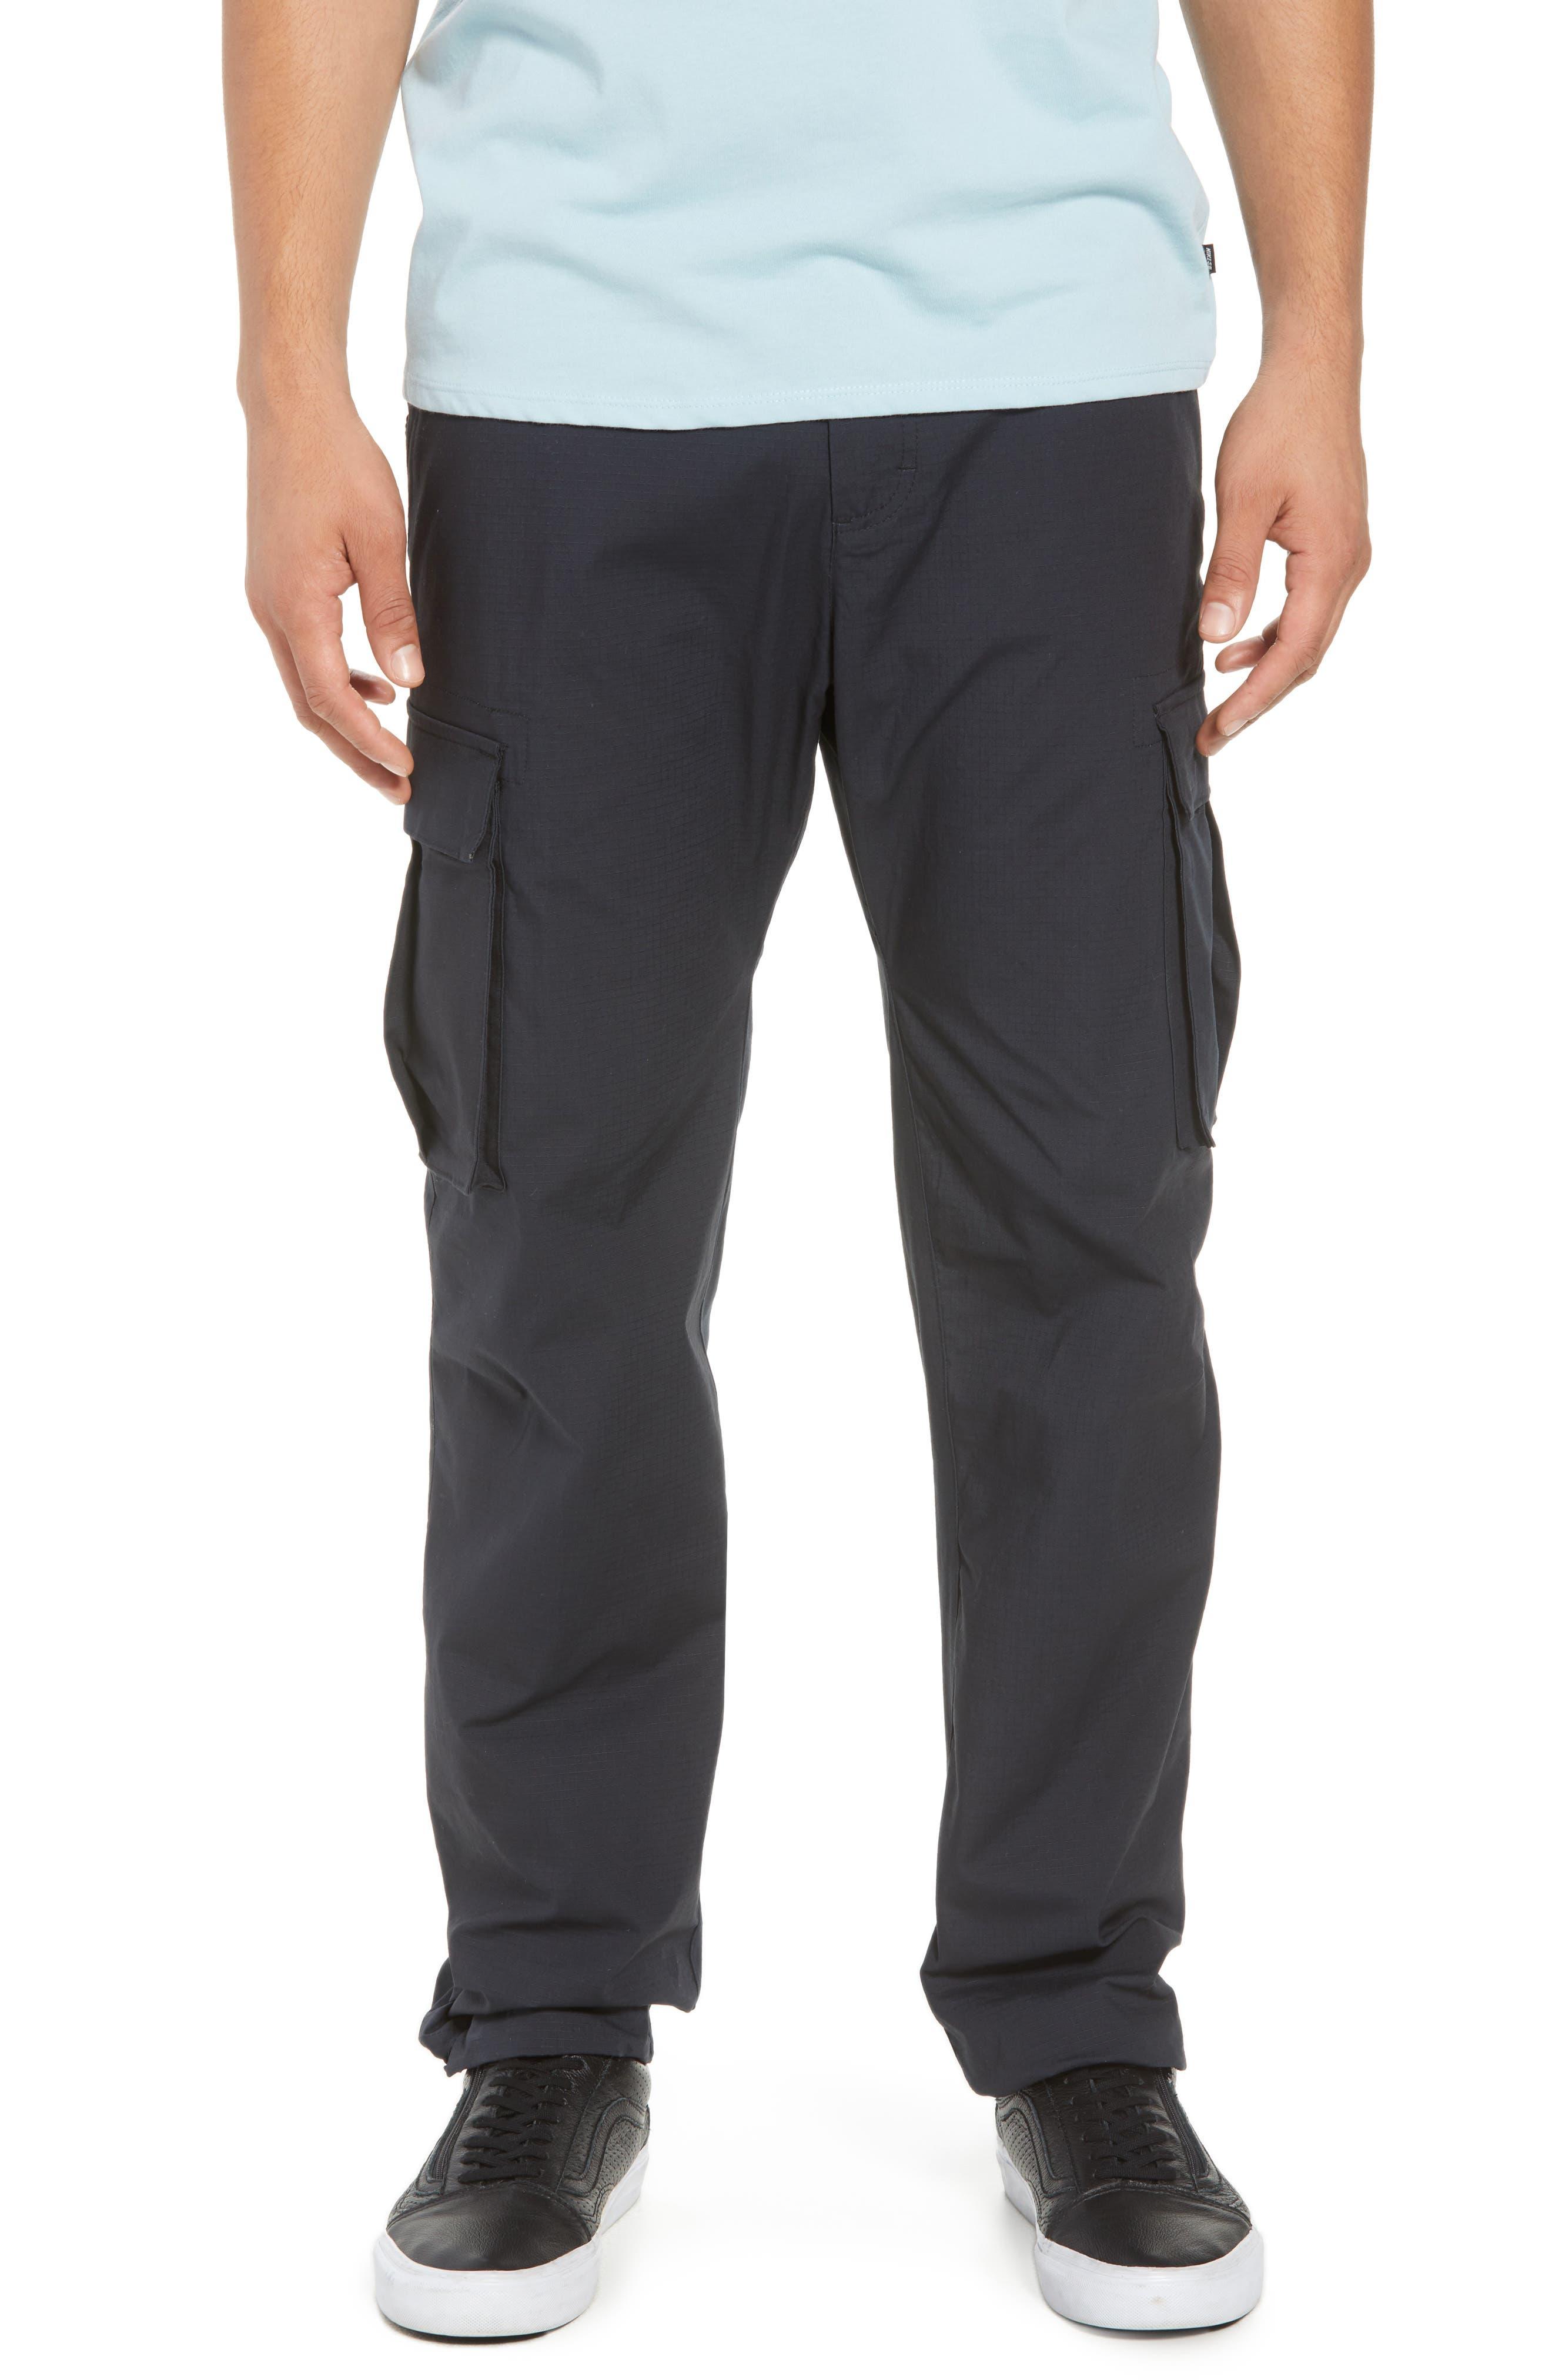 Flex Cargo Pants,                         Main,                         color, Black